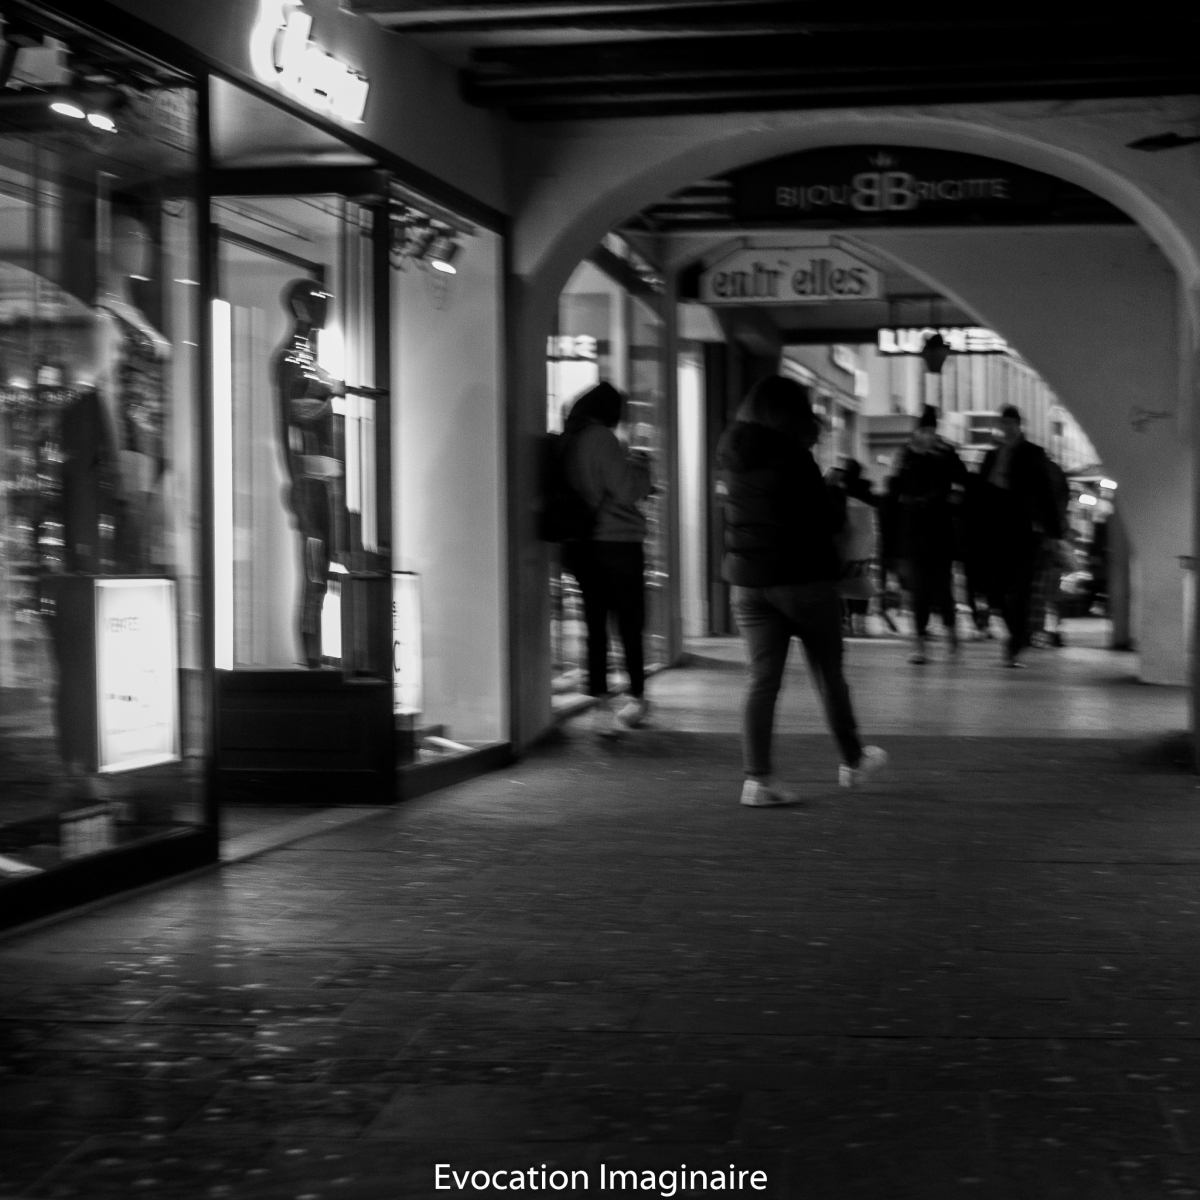 Photographie de Rue ou Street Photography